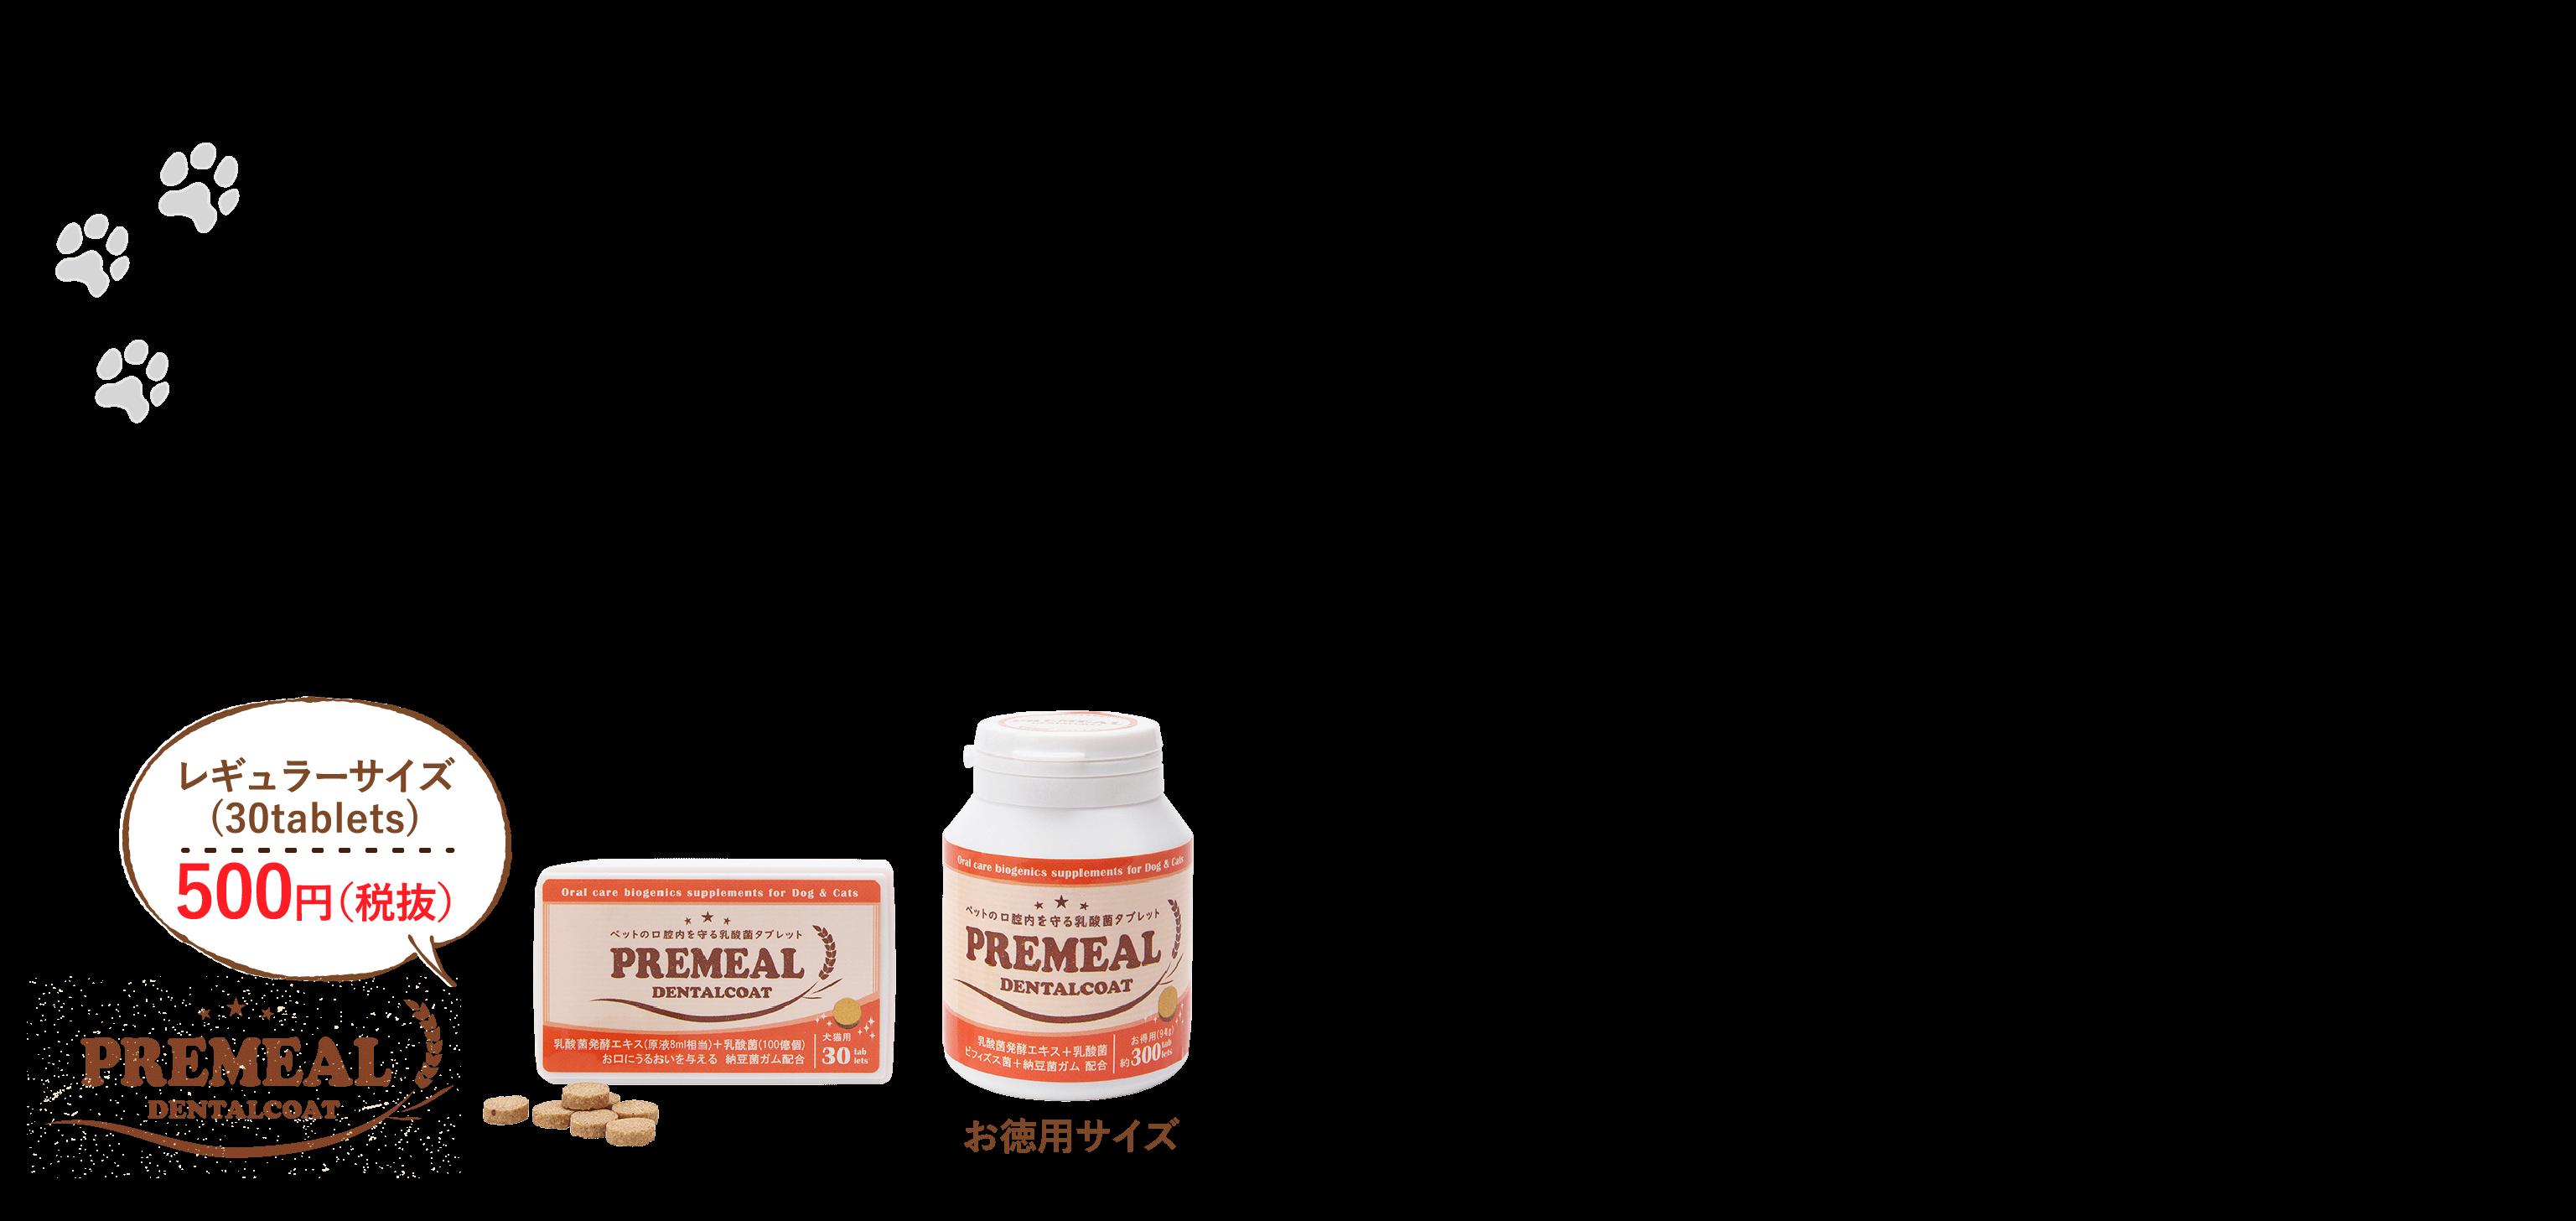 商品名PREMEAL|息さわやか!お口の乳酸菌タブレット